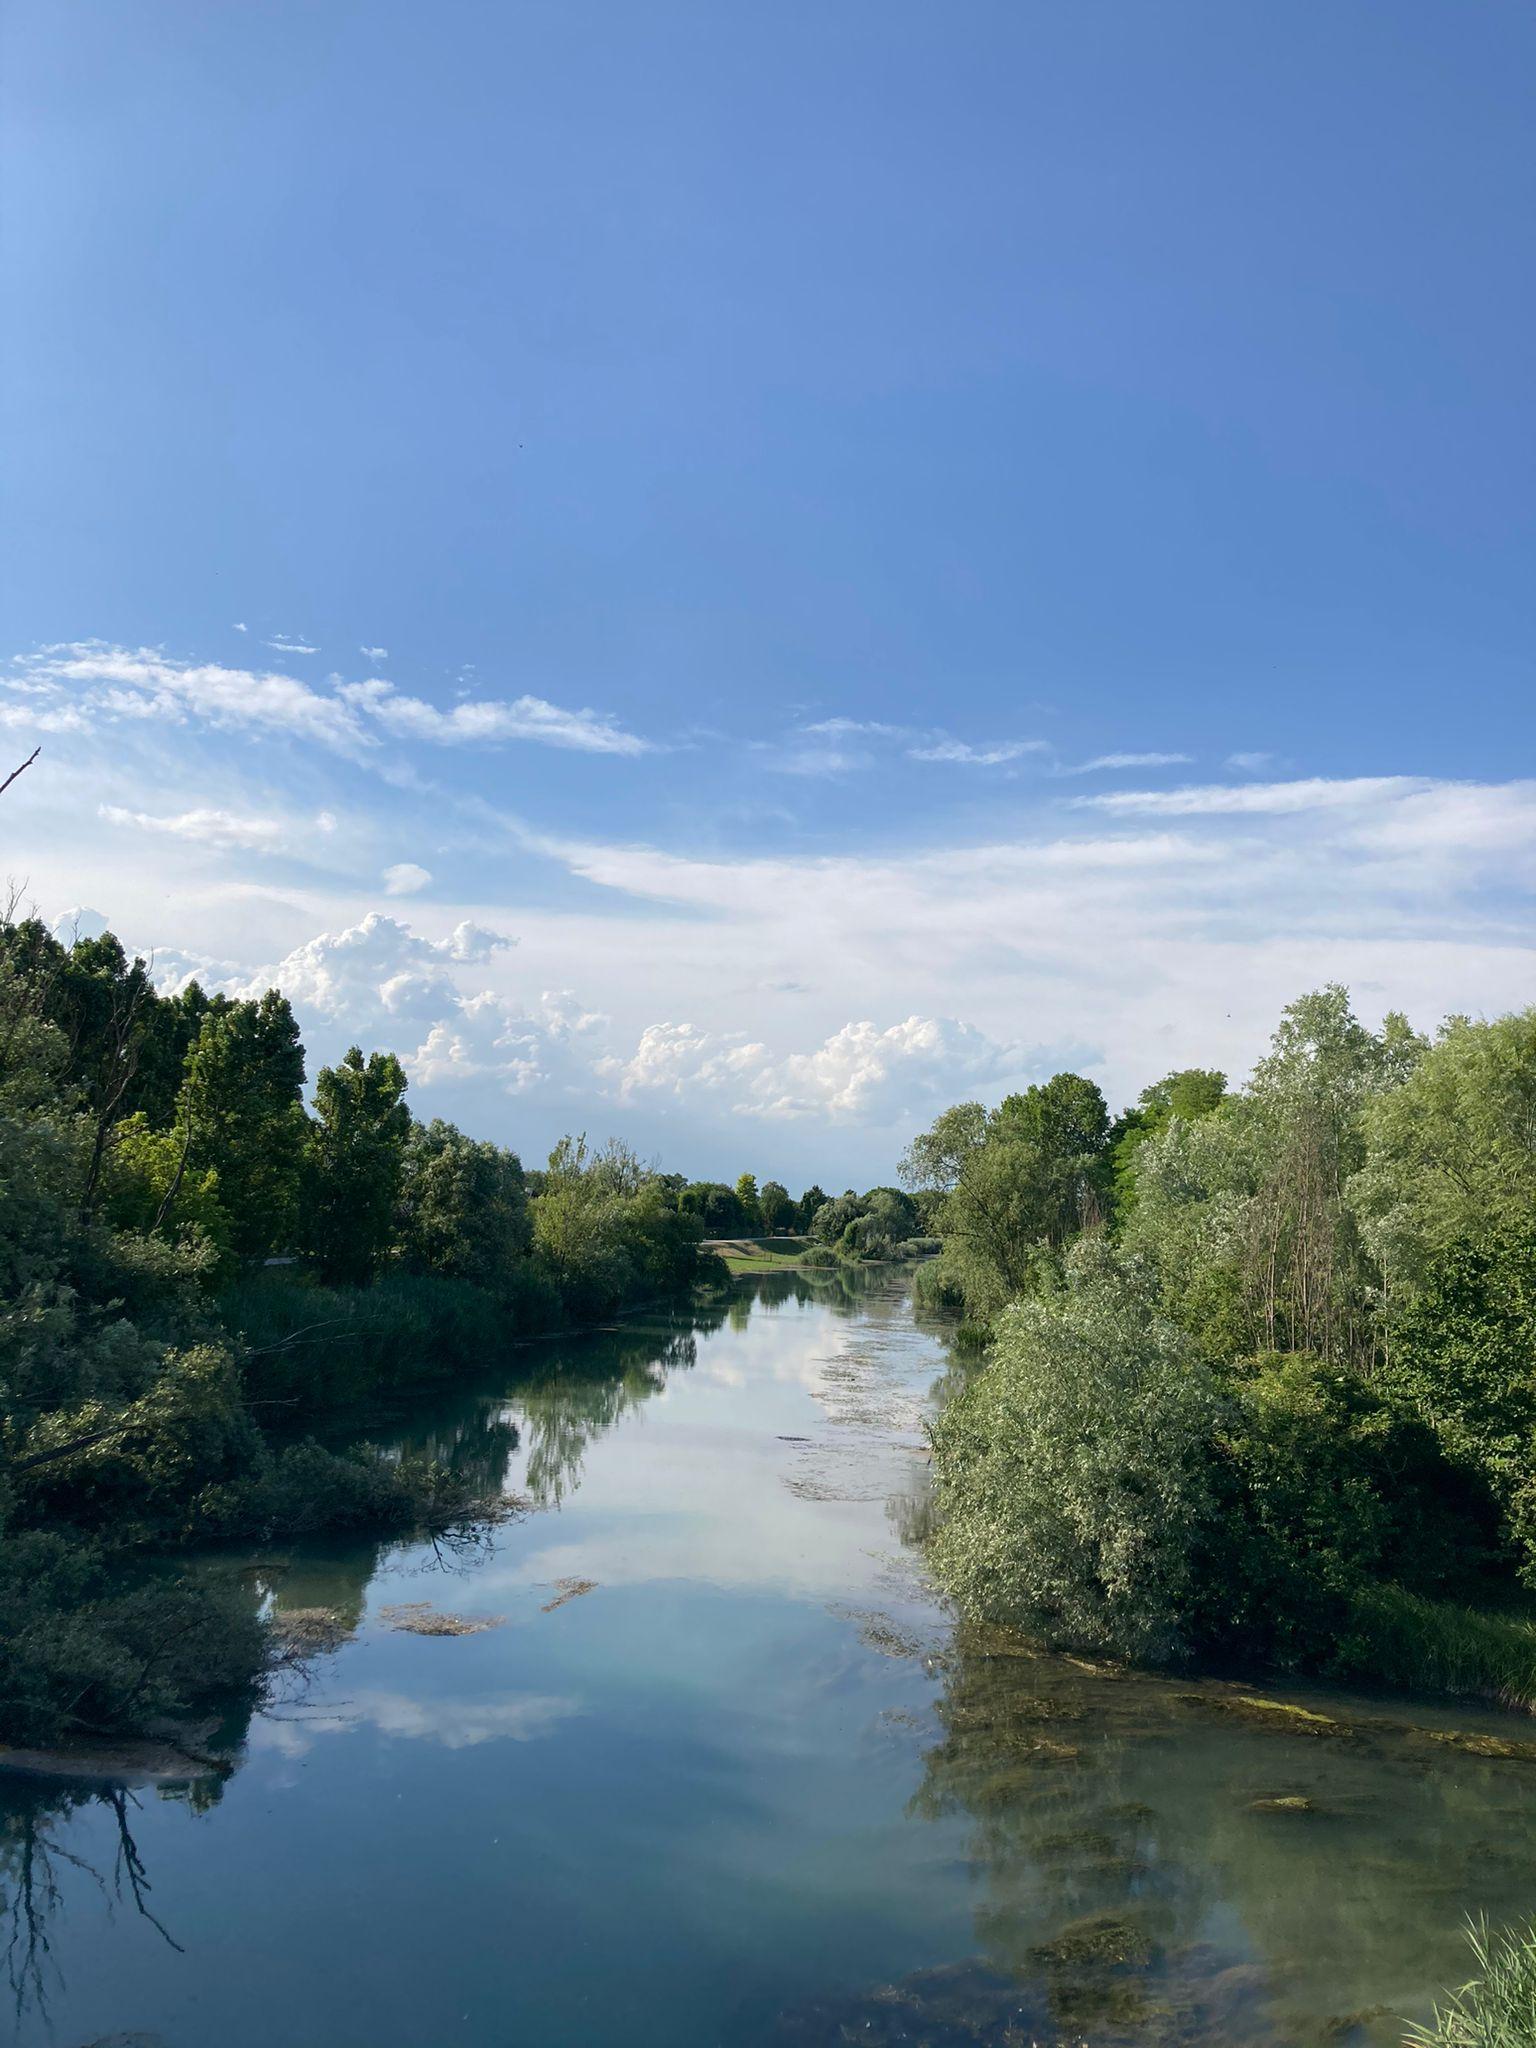 panorama del fiume Piave circondato da vegetazione rigogliosa e cielo azzurro